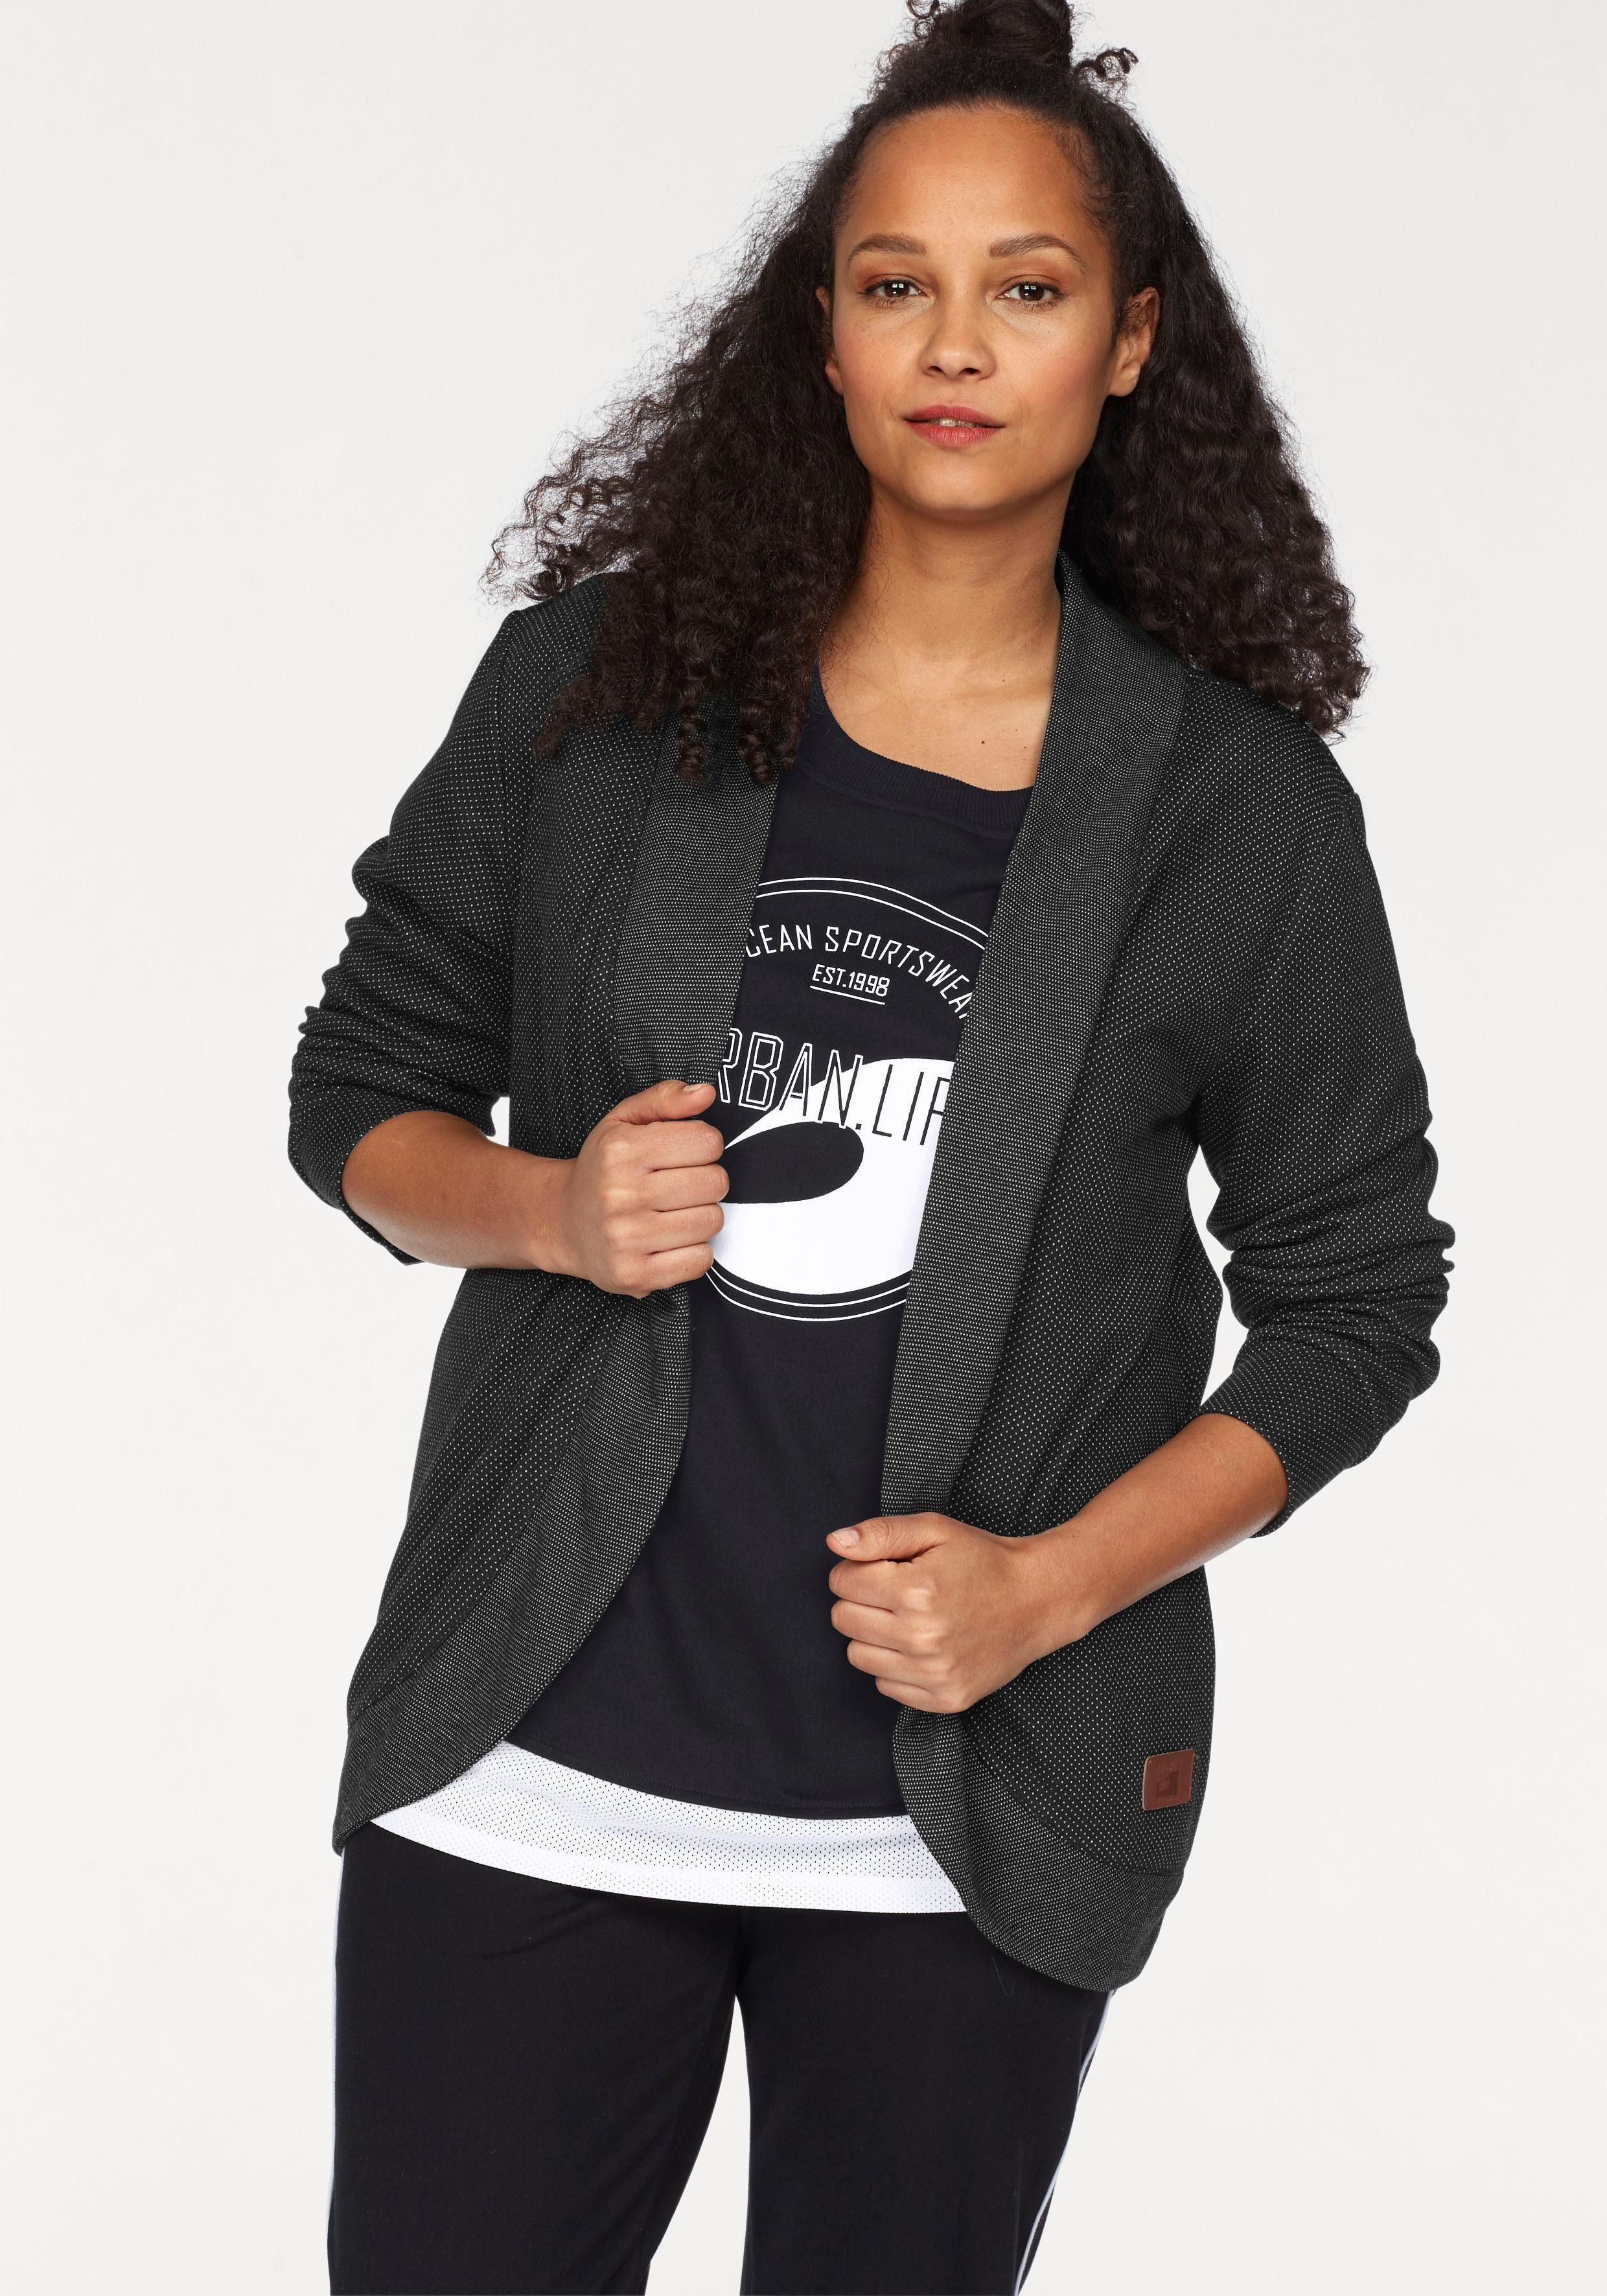 Sweatjacke schwarz Ocean Sportswear 4mM002q